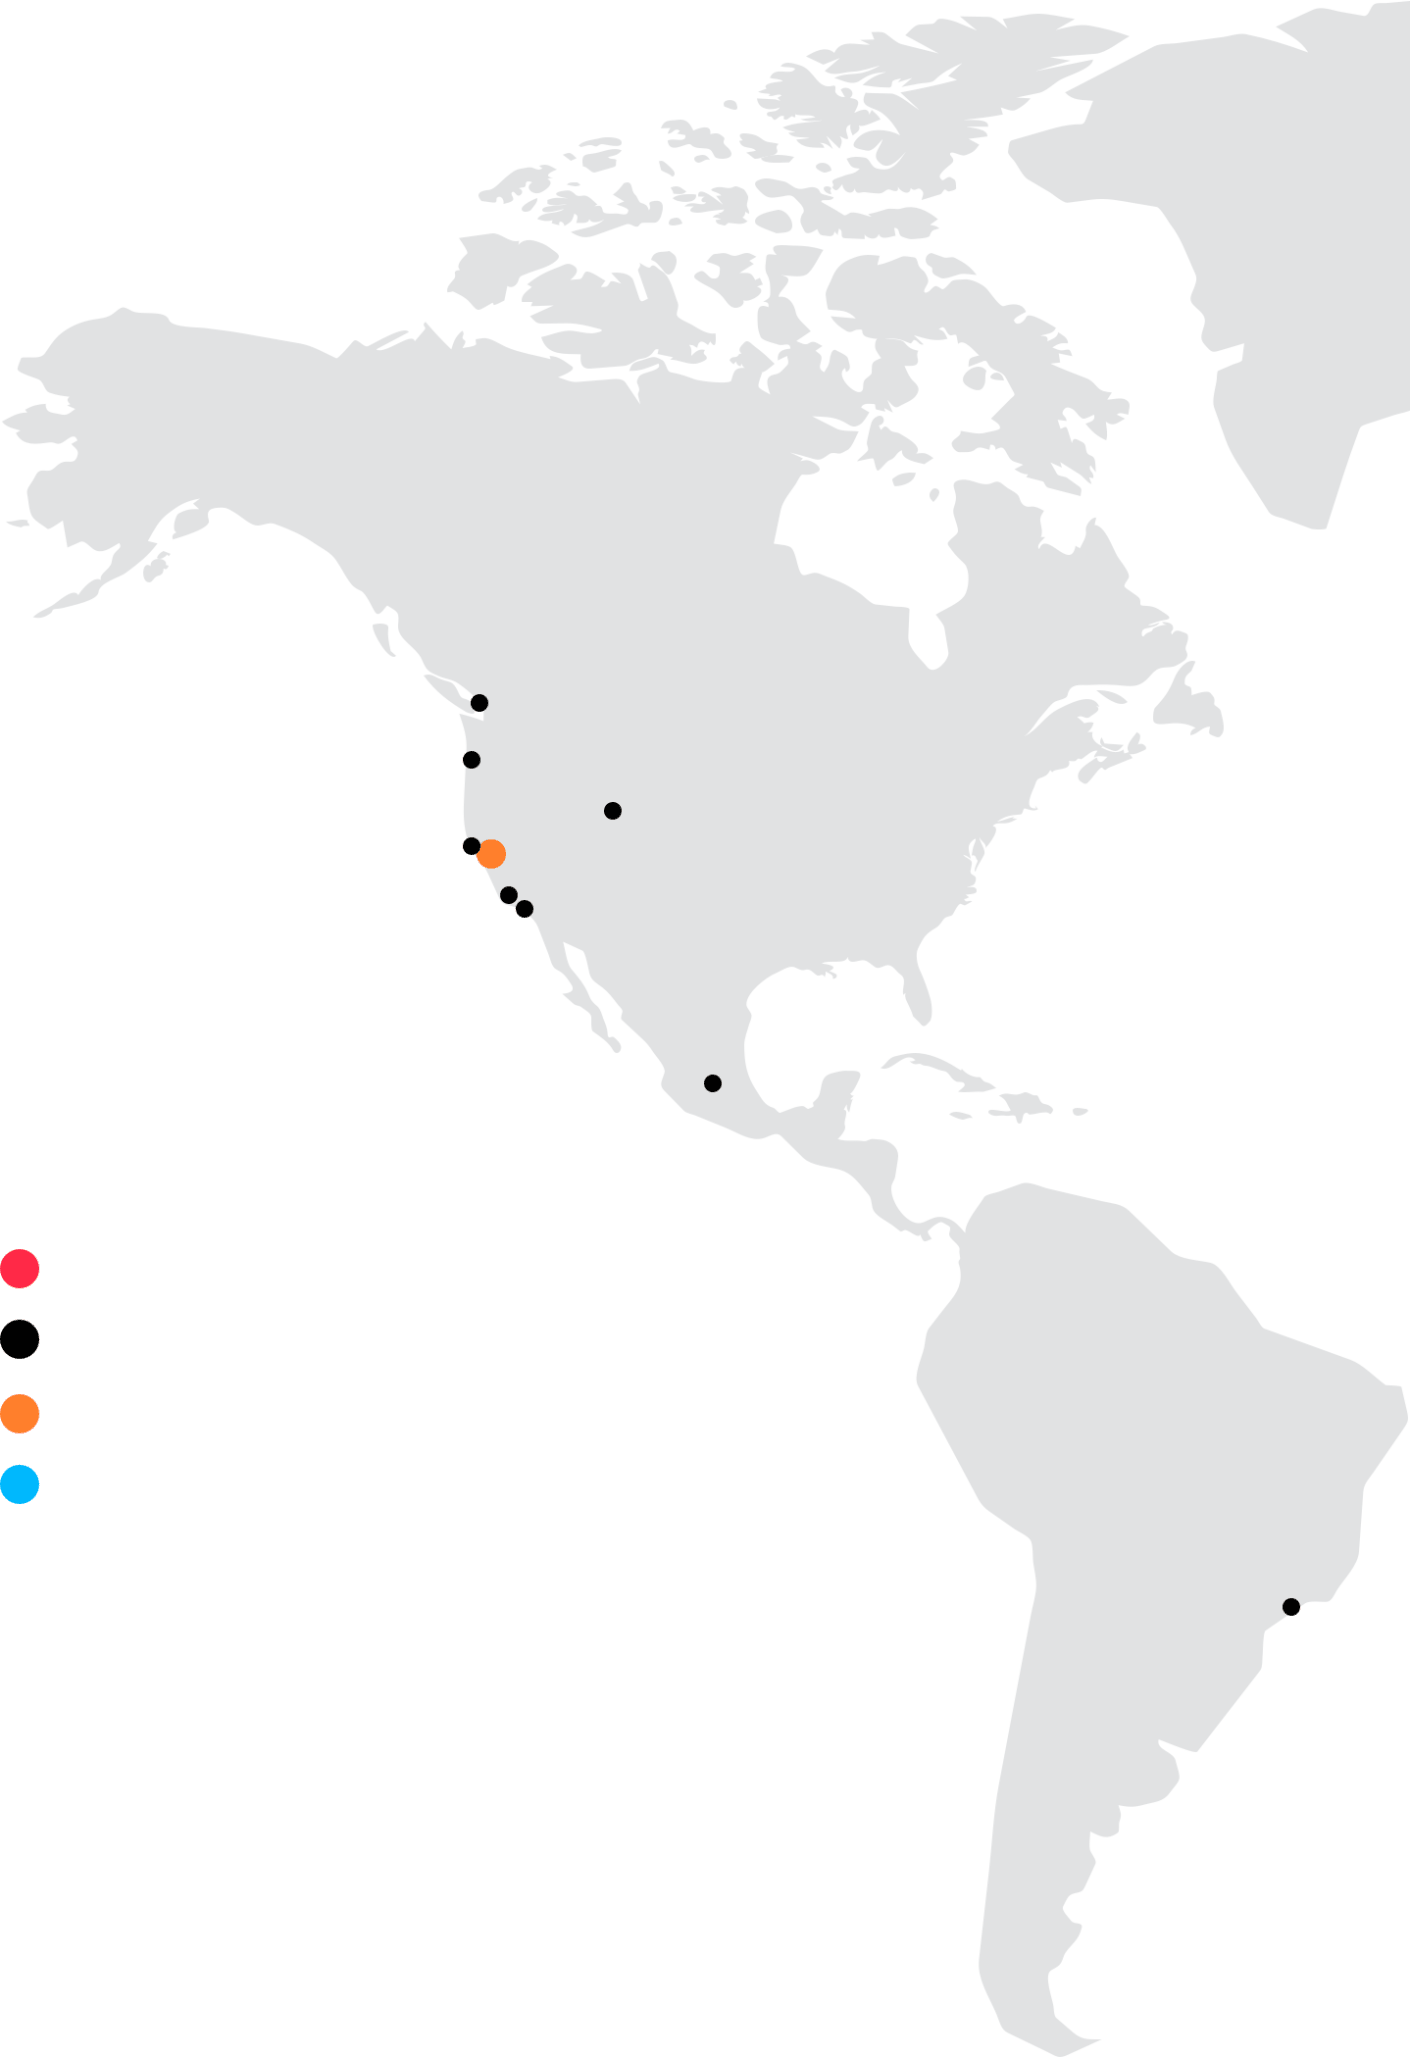 南米アメリカ地図